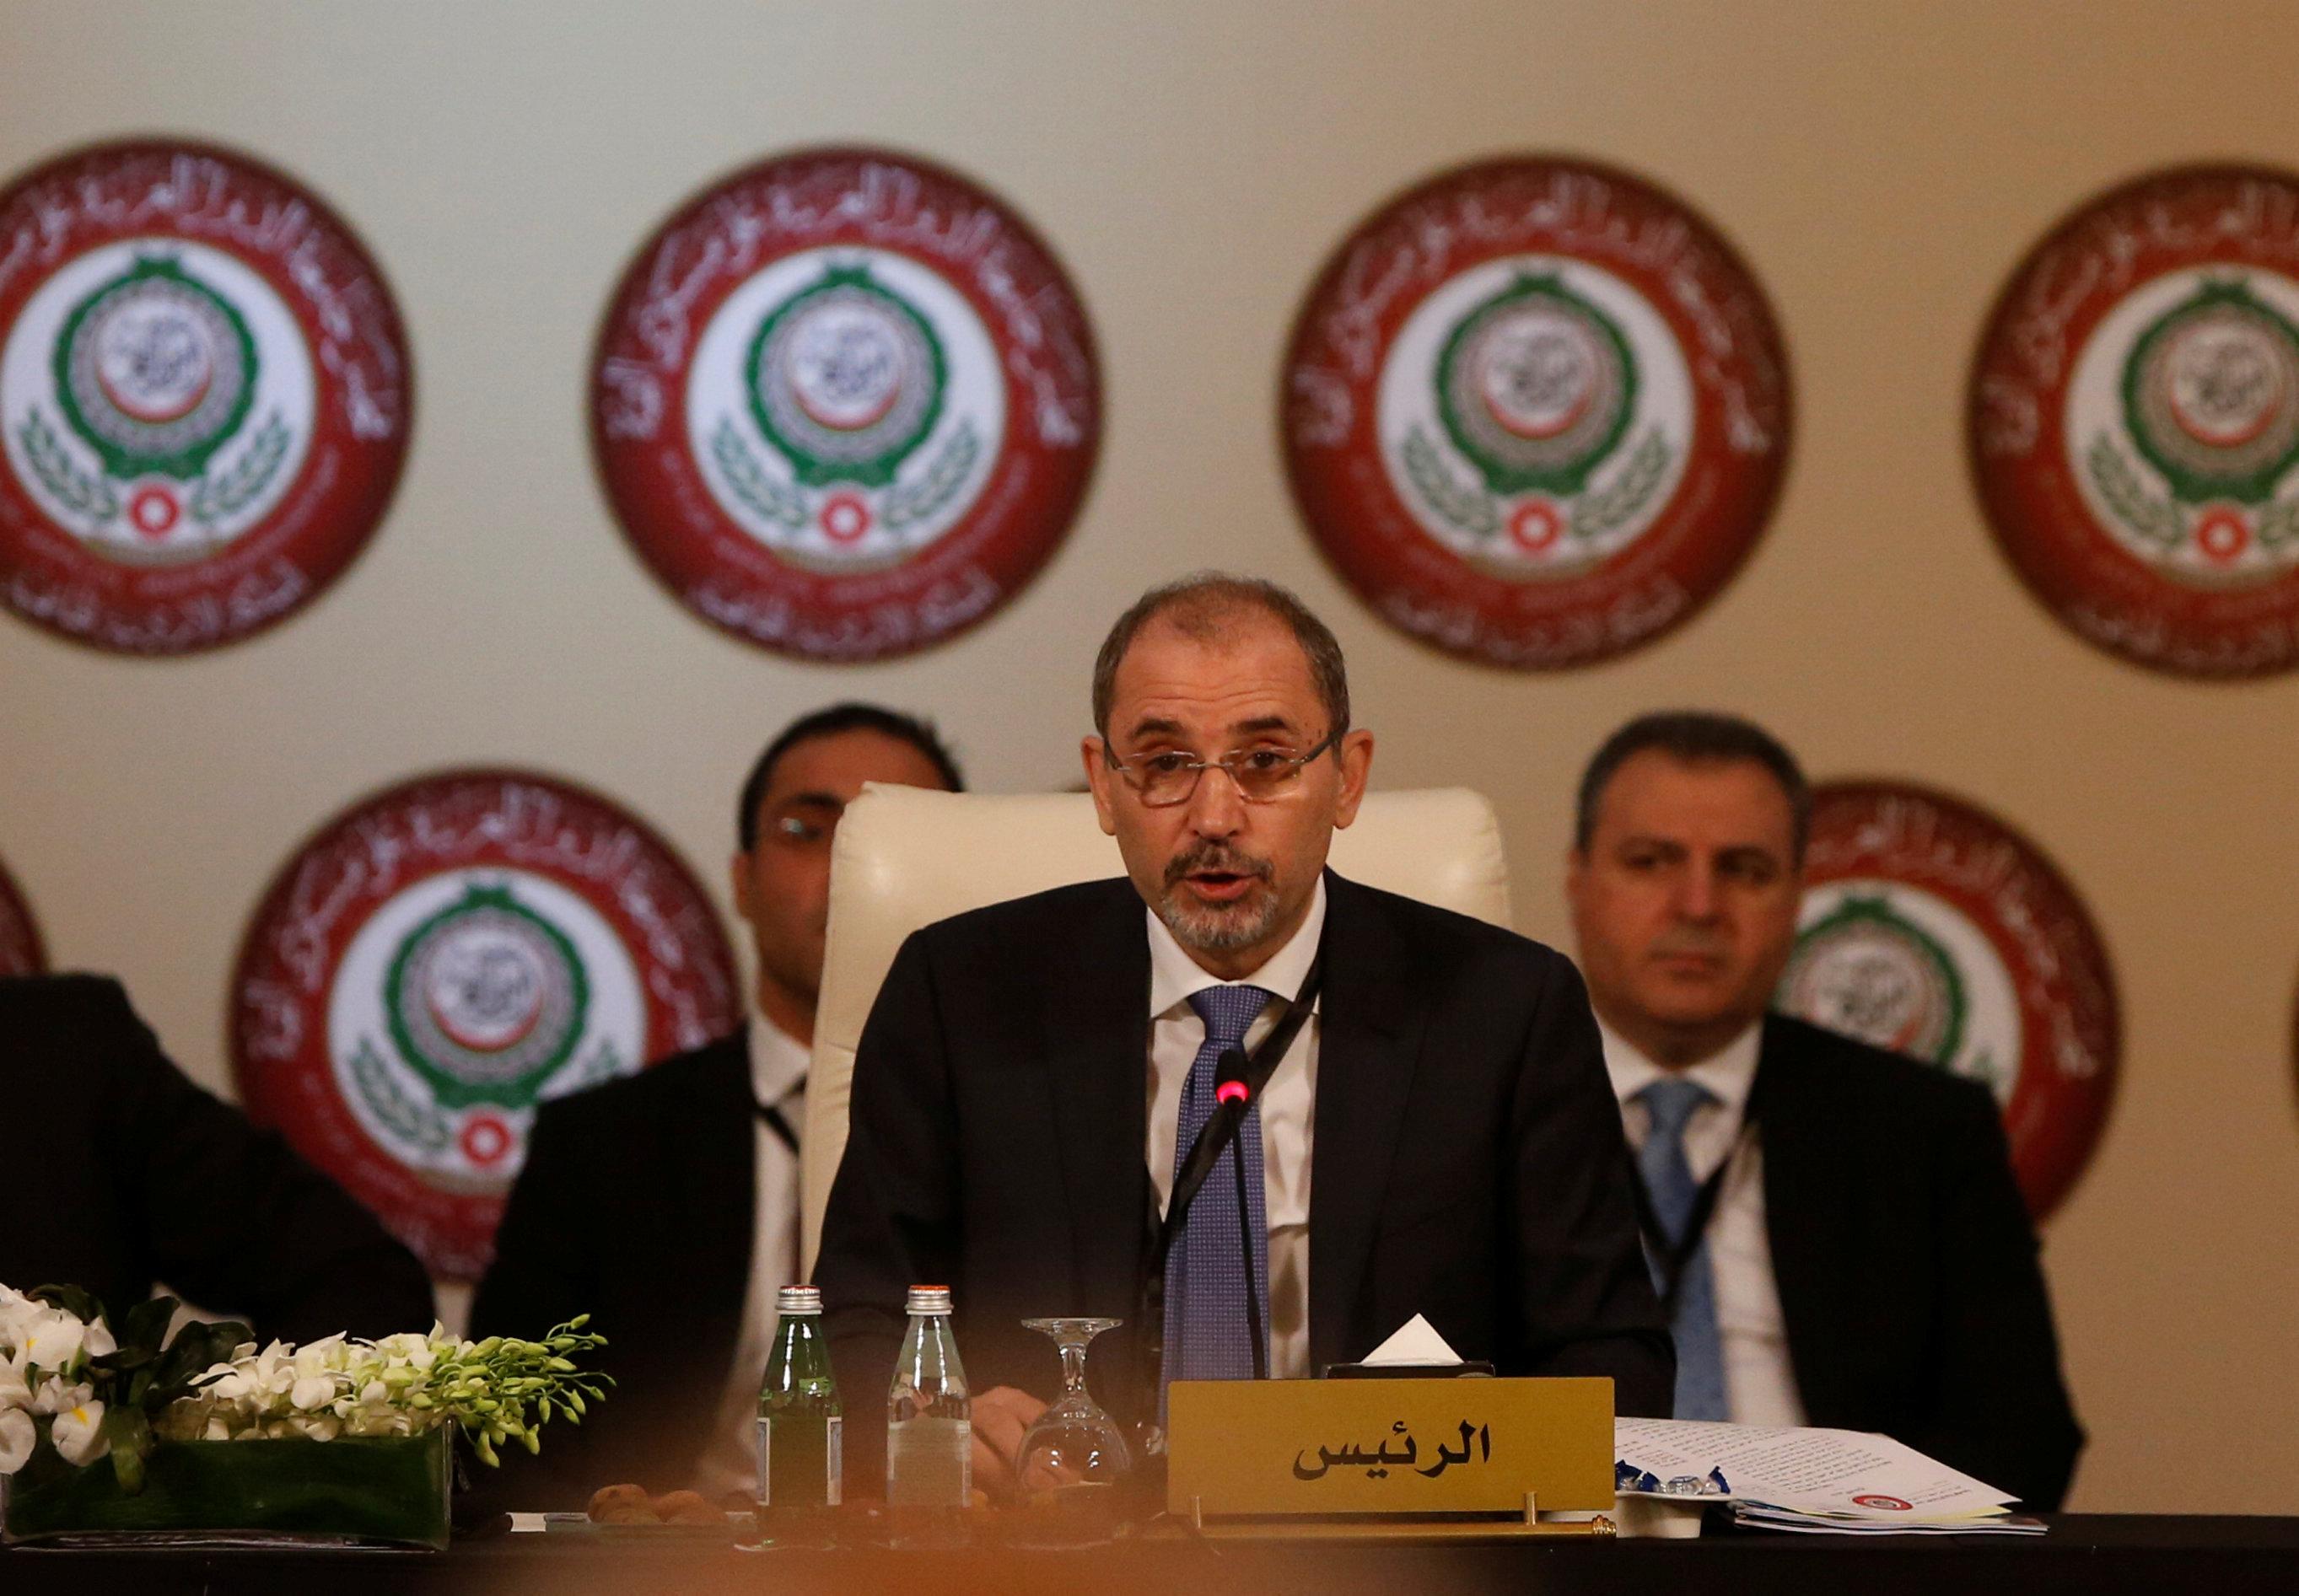 وزير الخارجية الأردني أيمن الصفتي